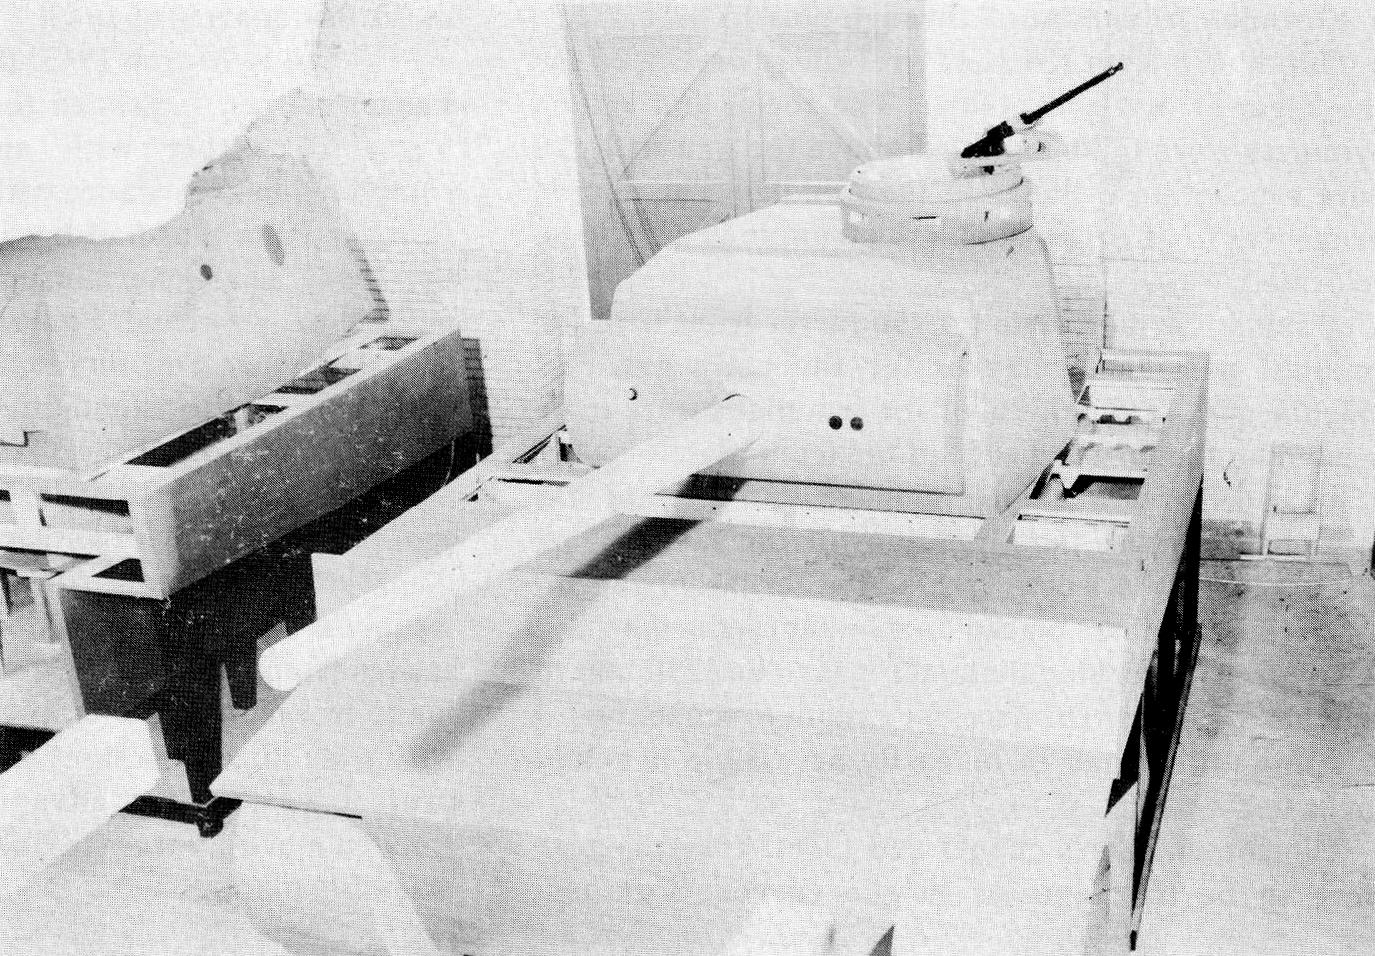 Panzerkampfwagen VI Ausf. H2